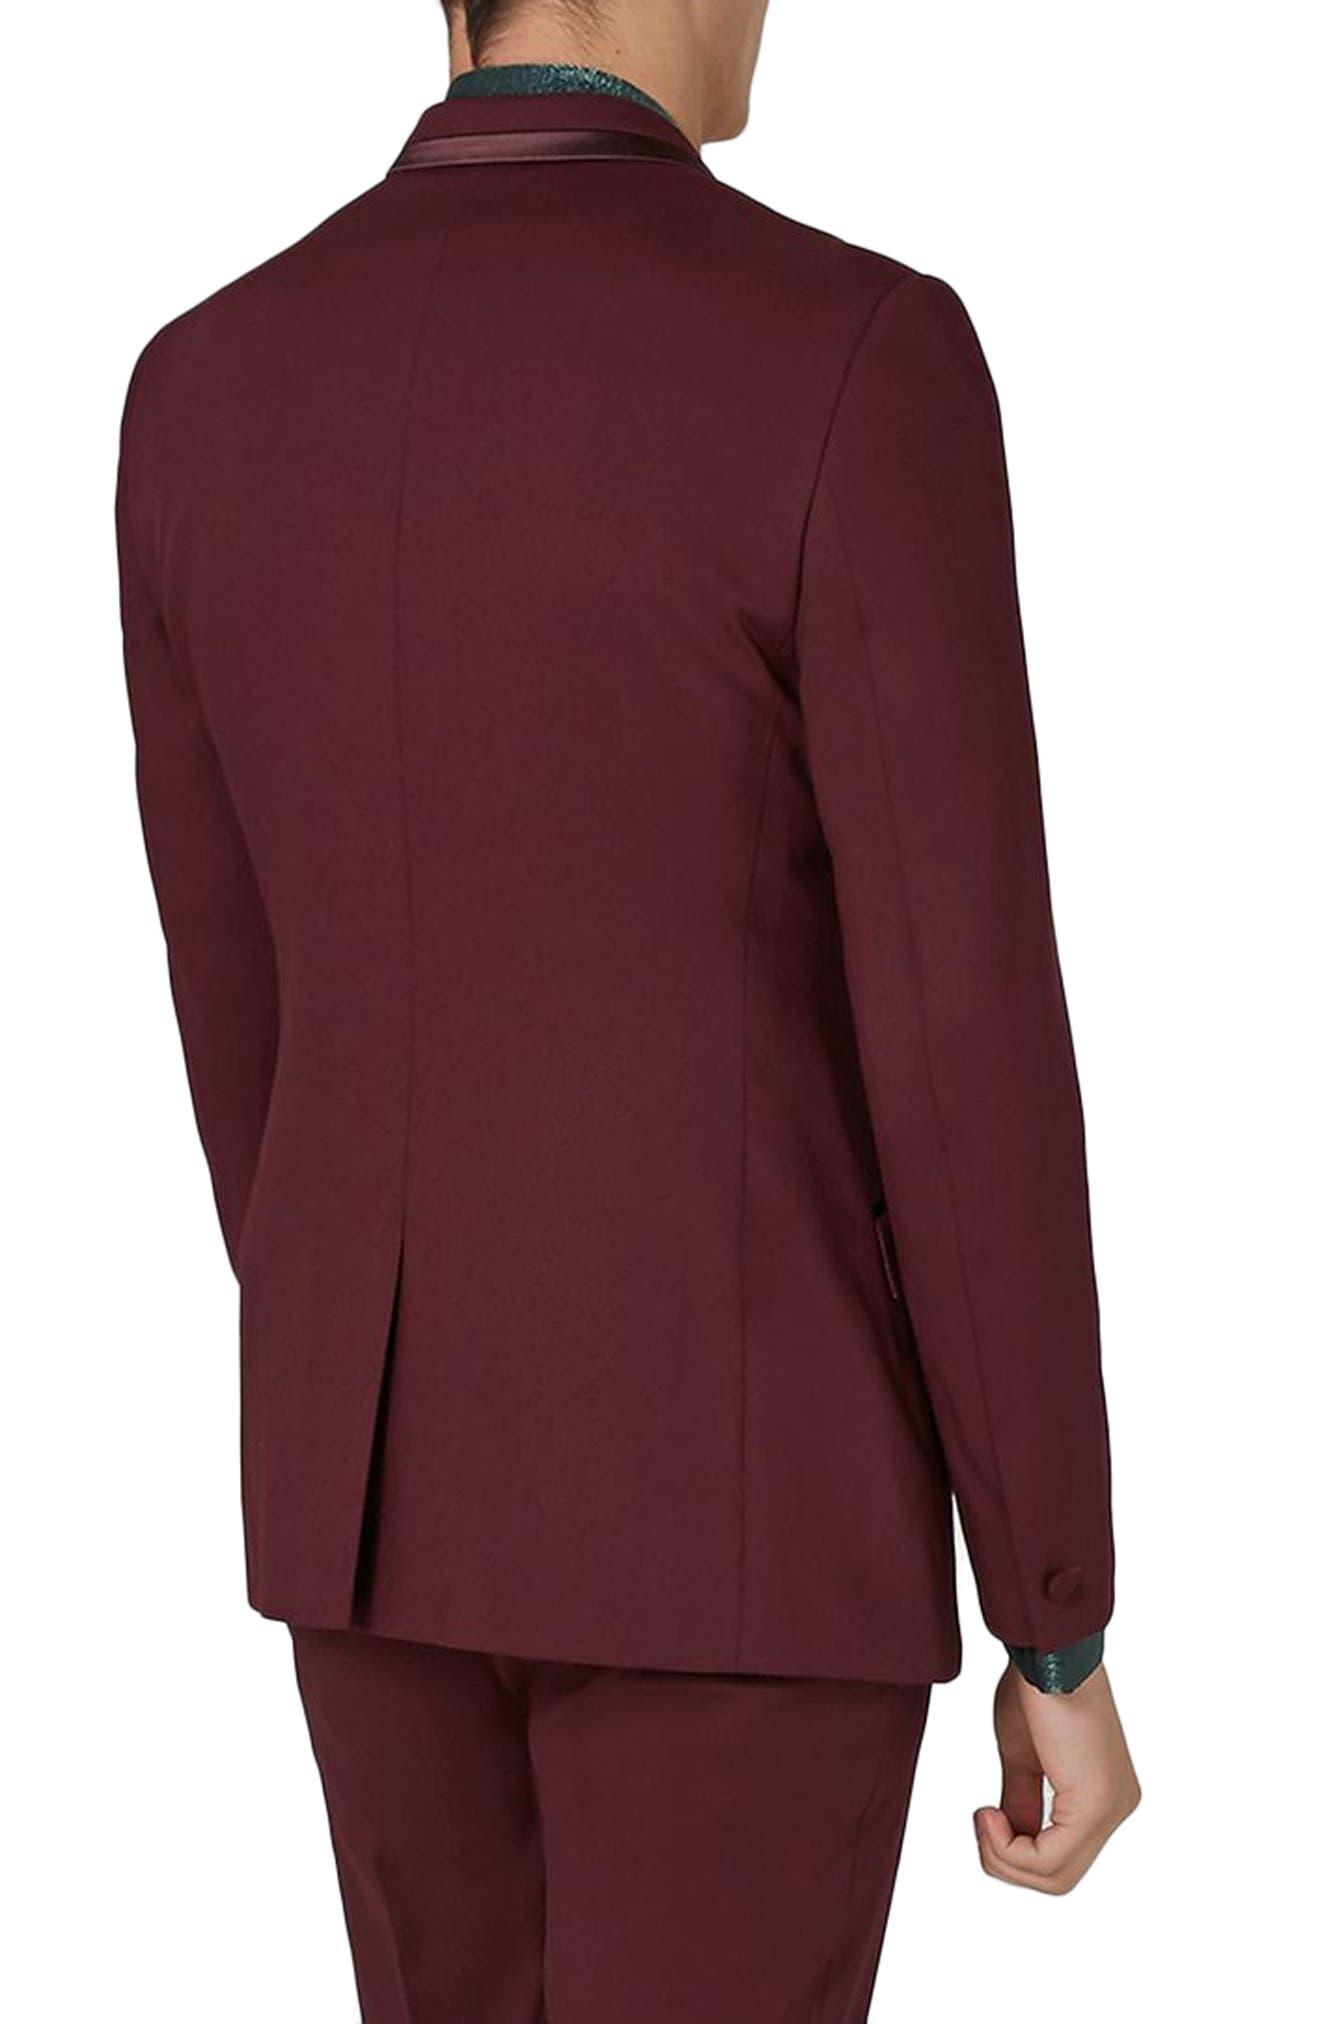 Skinny Fit Burgundy Tuxedo Jacket,                             Alternate thumbnail 3, color,                             Burgundy